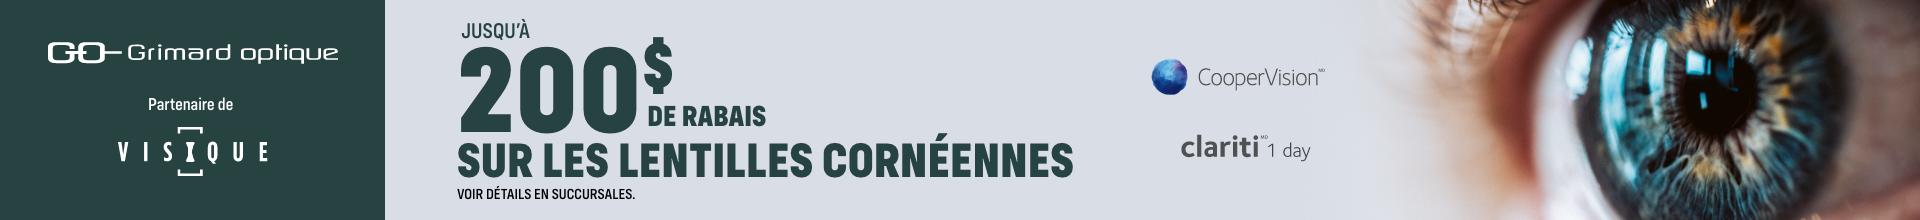 banniere_lentilles_grimard-optique